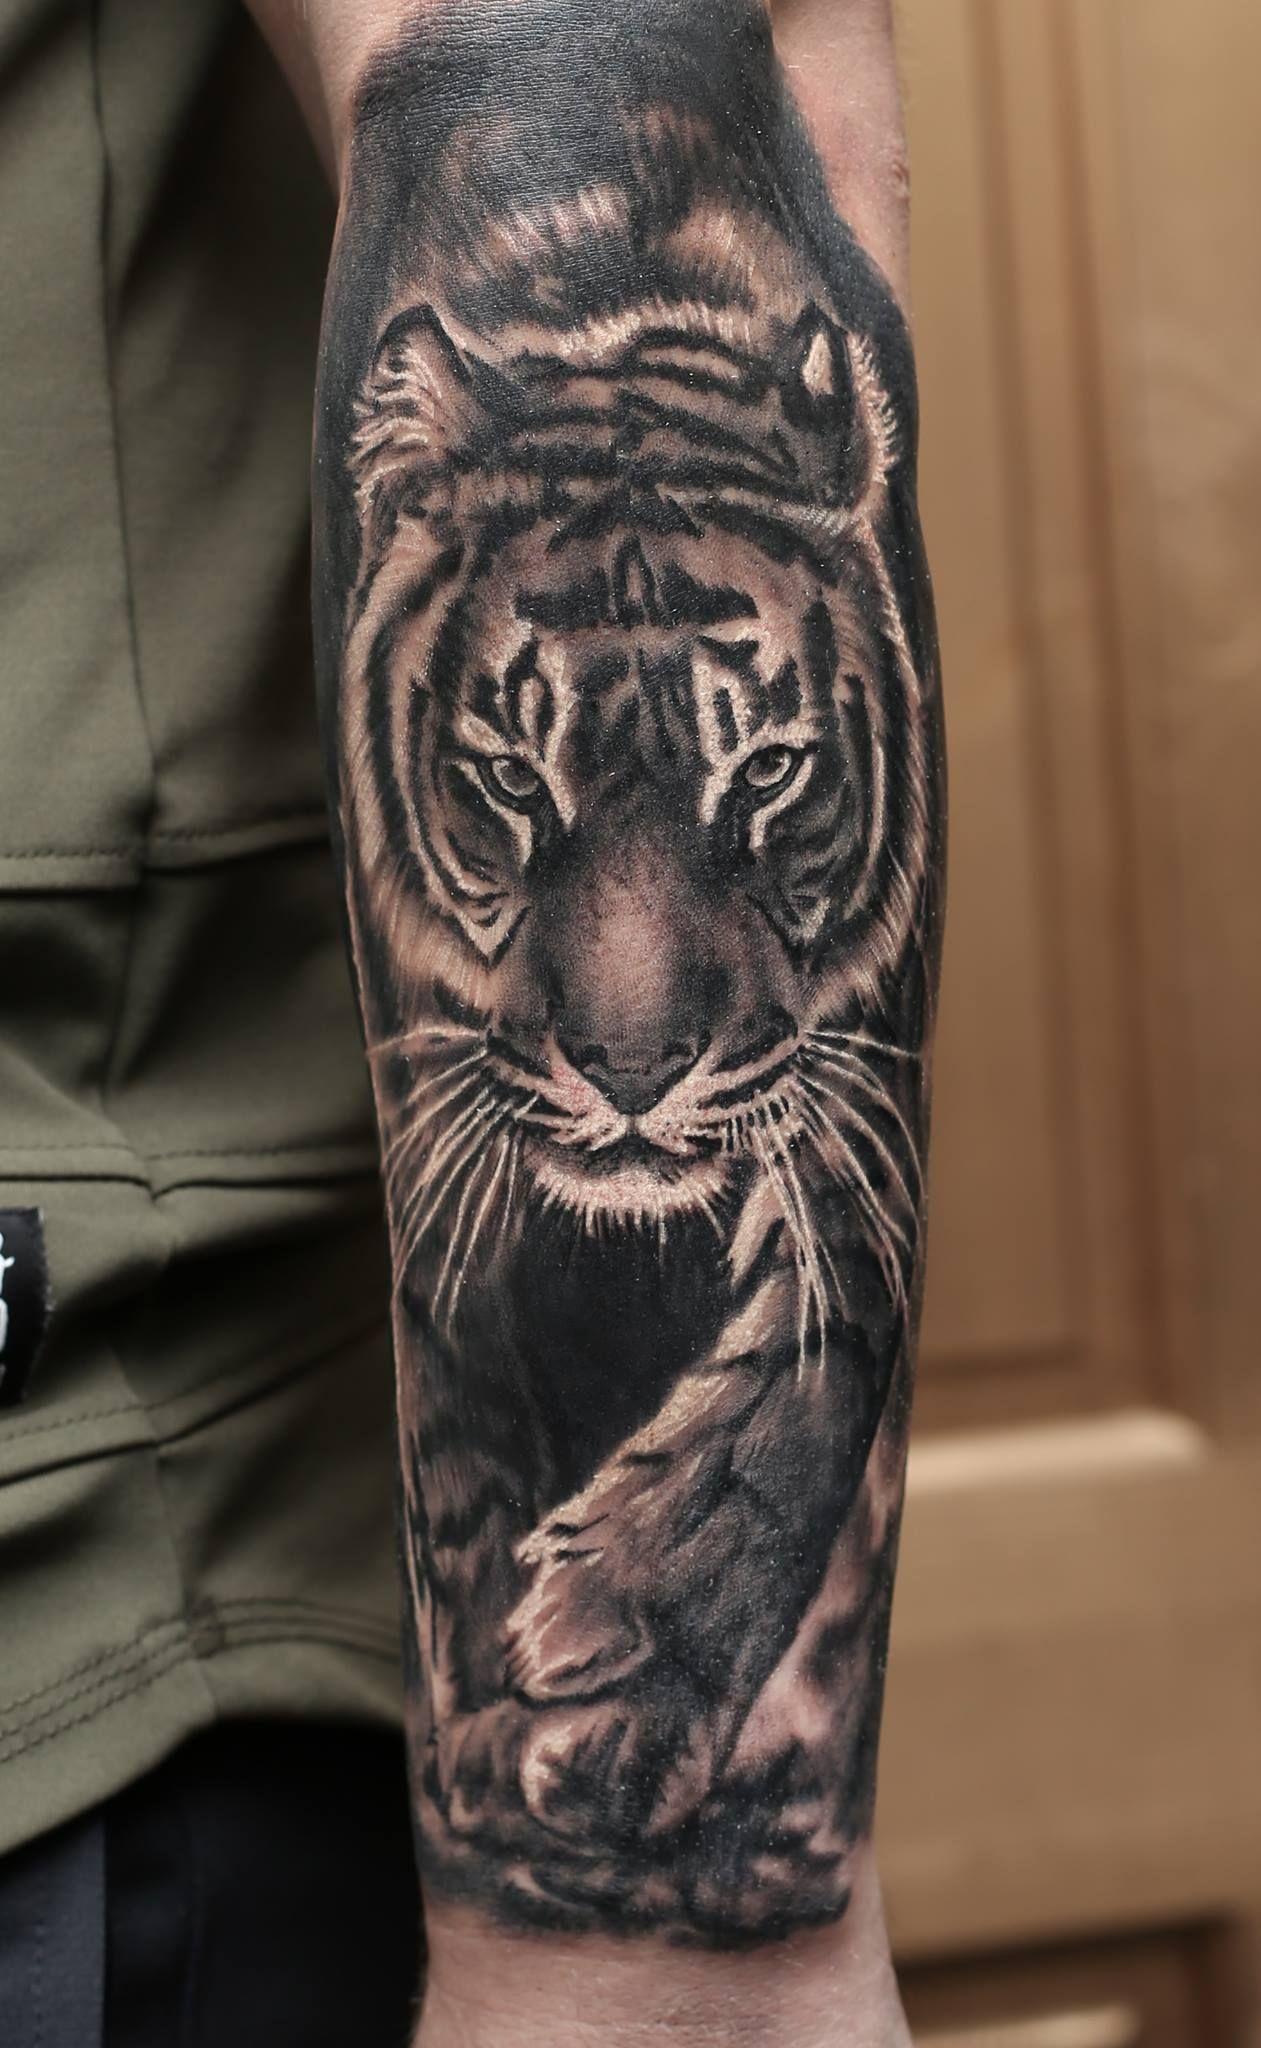 Tiger Tattoo Artist Mindy Www Holytrinitytattoos Co Uk Holytrinitytattoos Gmail Com Send Us A Message Tattoo Studio Salvation Tattoo Trinity Tattoo